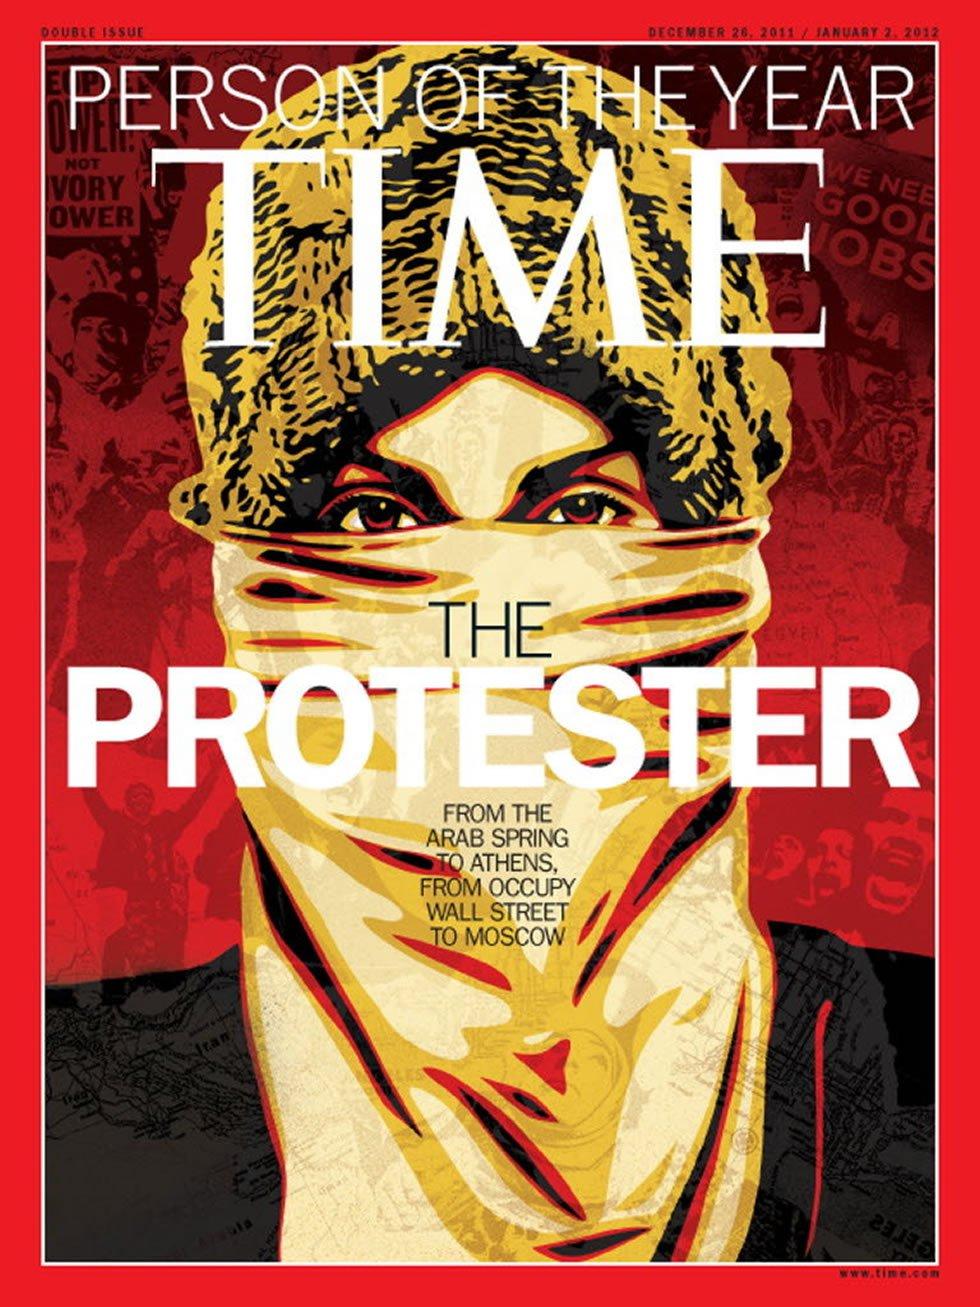 Homenaje a la Primavera Árabe, Occupy Wall Street y las manifestaciones en Madrid, Atenas y Moscú